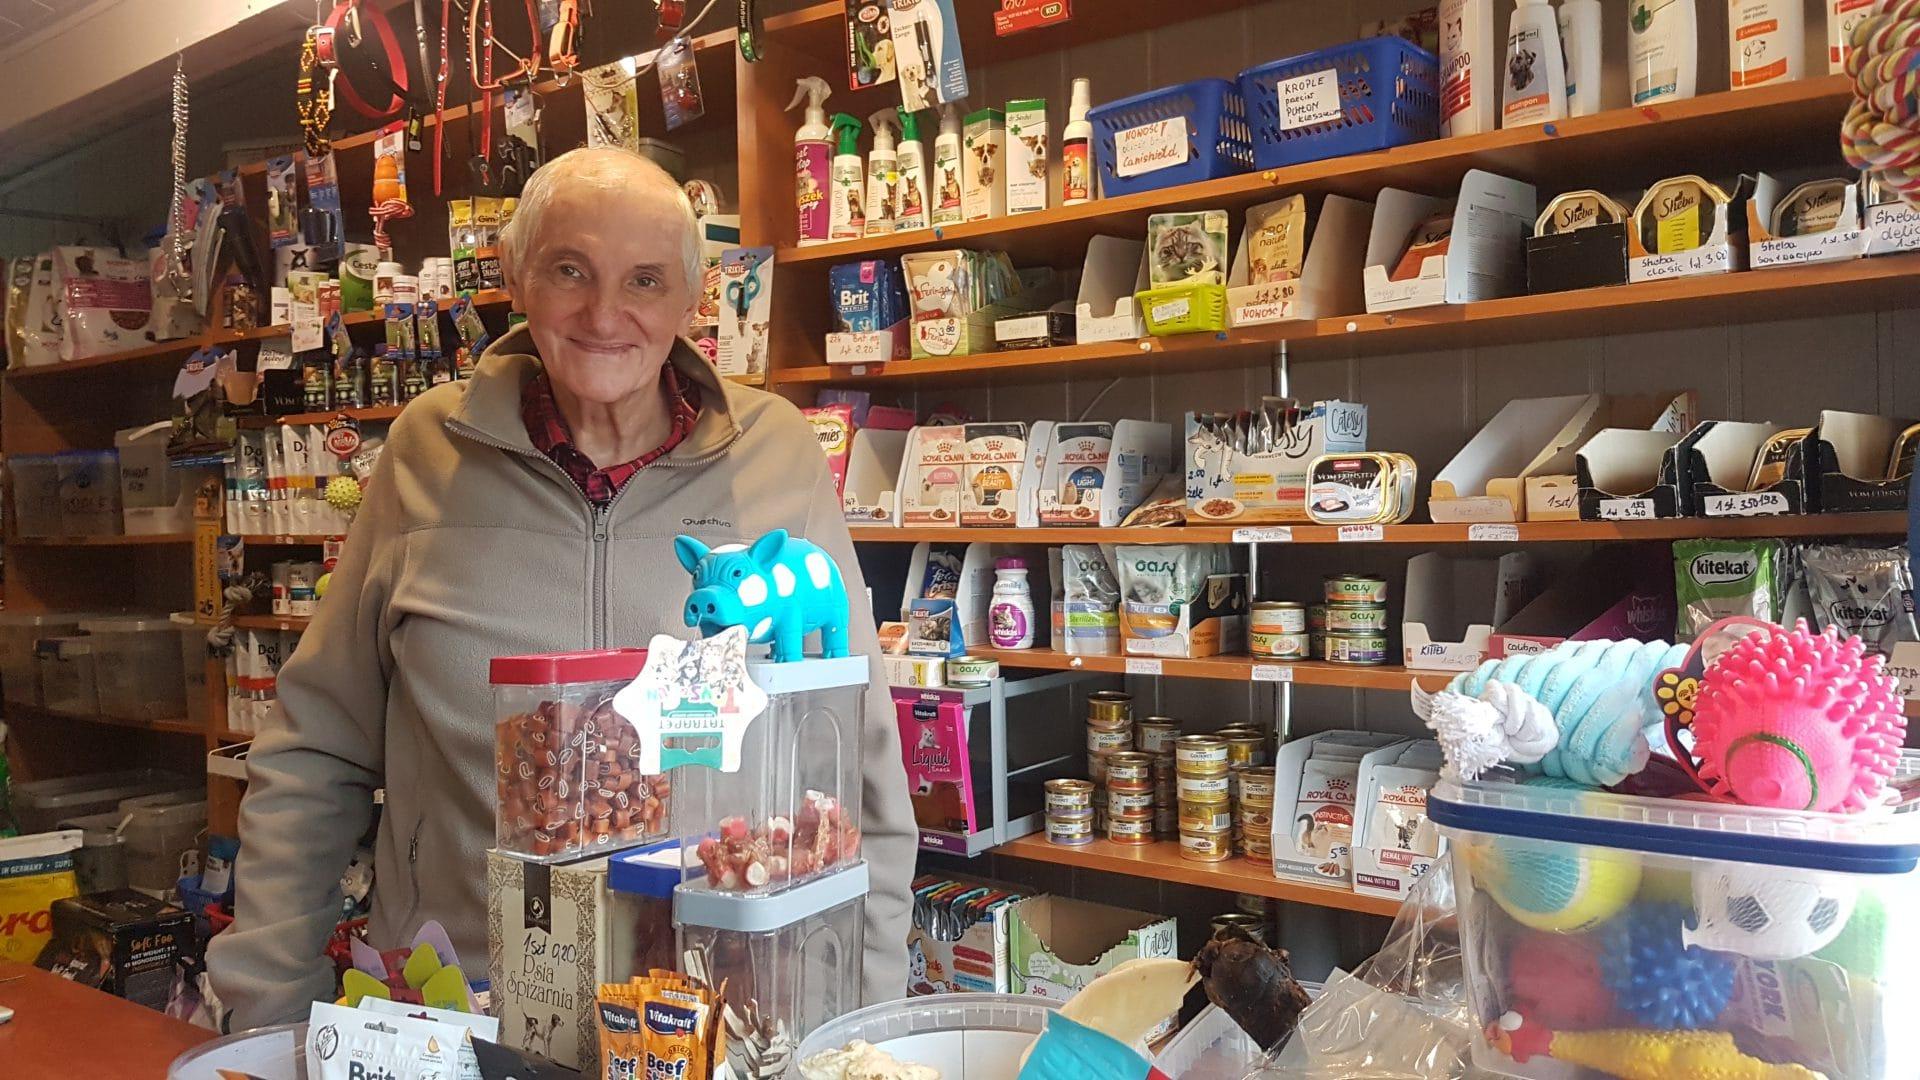 Pan Ryszard prowadzi sklep zoologiczny przy ulicy Racławickiej w Krakowie.